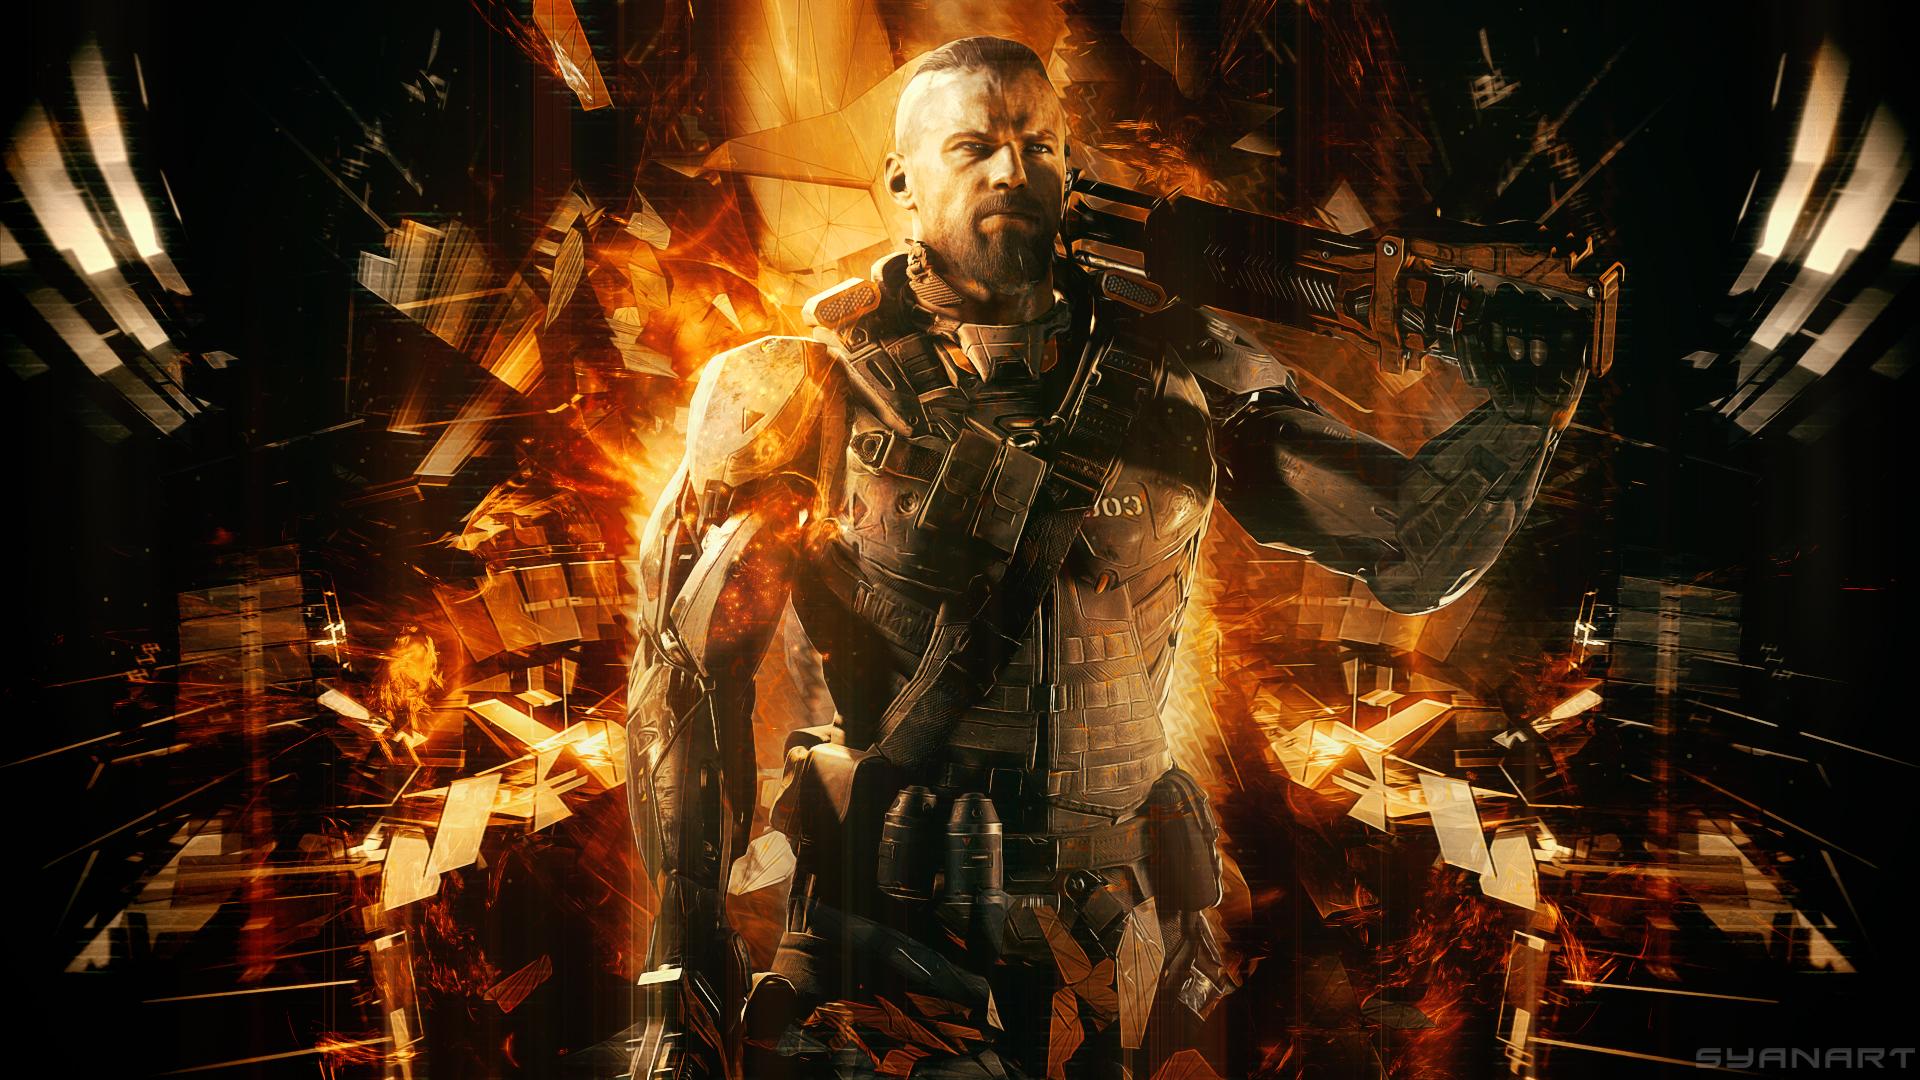 Duty Black Ops 3 Full HD Wallpaper